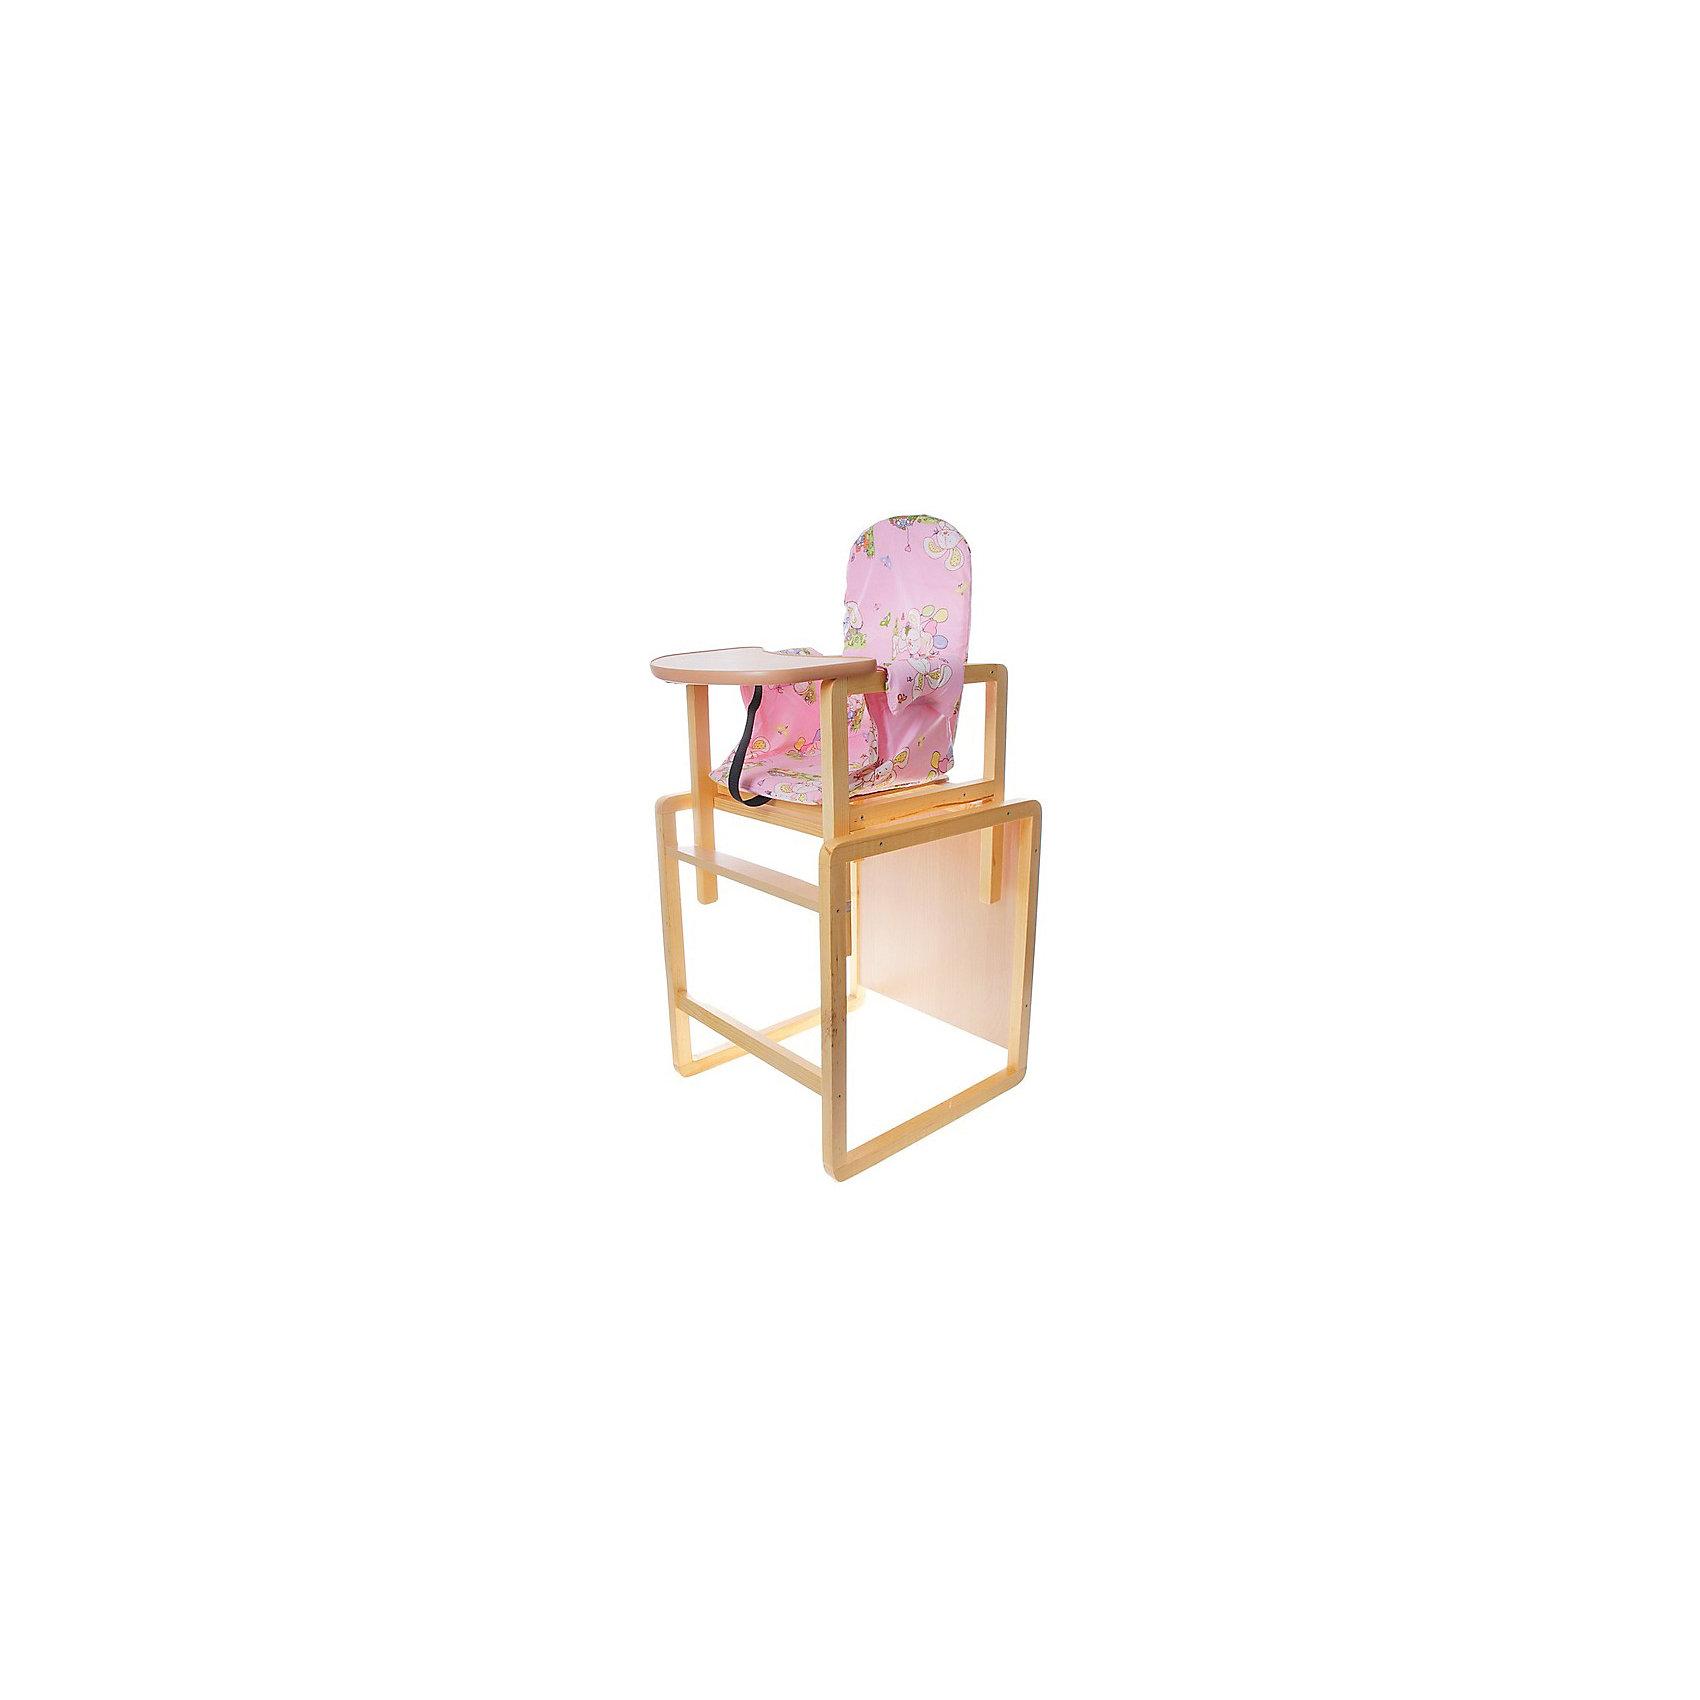 Стульчик-трасформер Алекс, Вилт, розовыйСтульчики для кормления<br>ВИЛТ Стул-стол для кормления АЛЕКС розовый<br><br>Ширина мм: 510<br>Глубина мм: 510<br>Высота мм: 250<br>Вес г: 7800<br>Возраст от месяцев: 6<br>Возраст до месяцев: 36<br>Пол: Унисекс<br>Возраст: Детский<br>SKU: 5582129